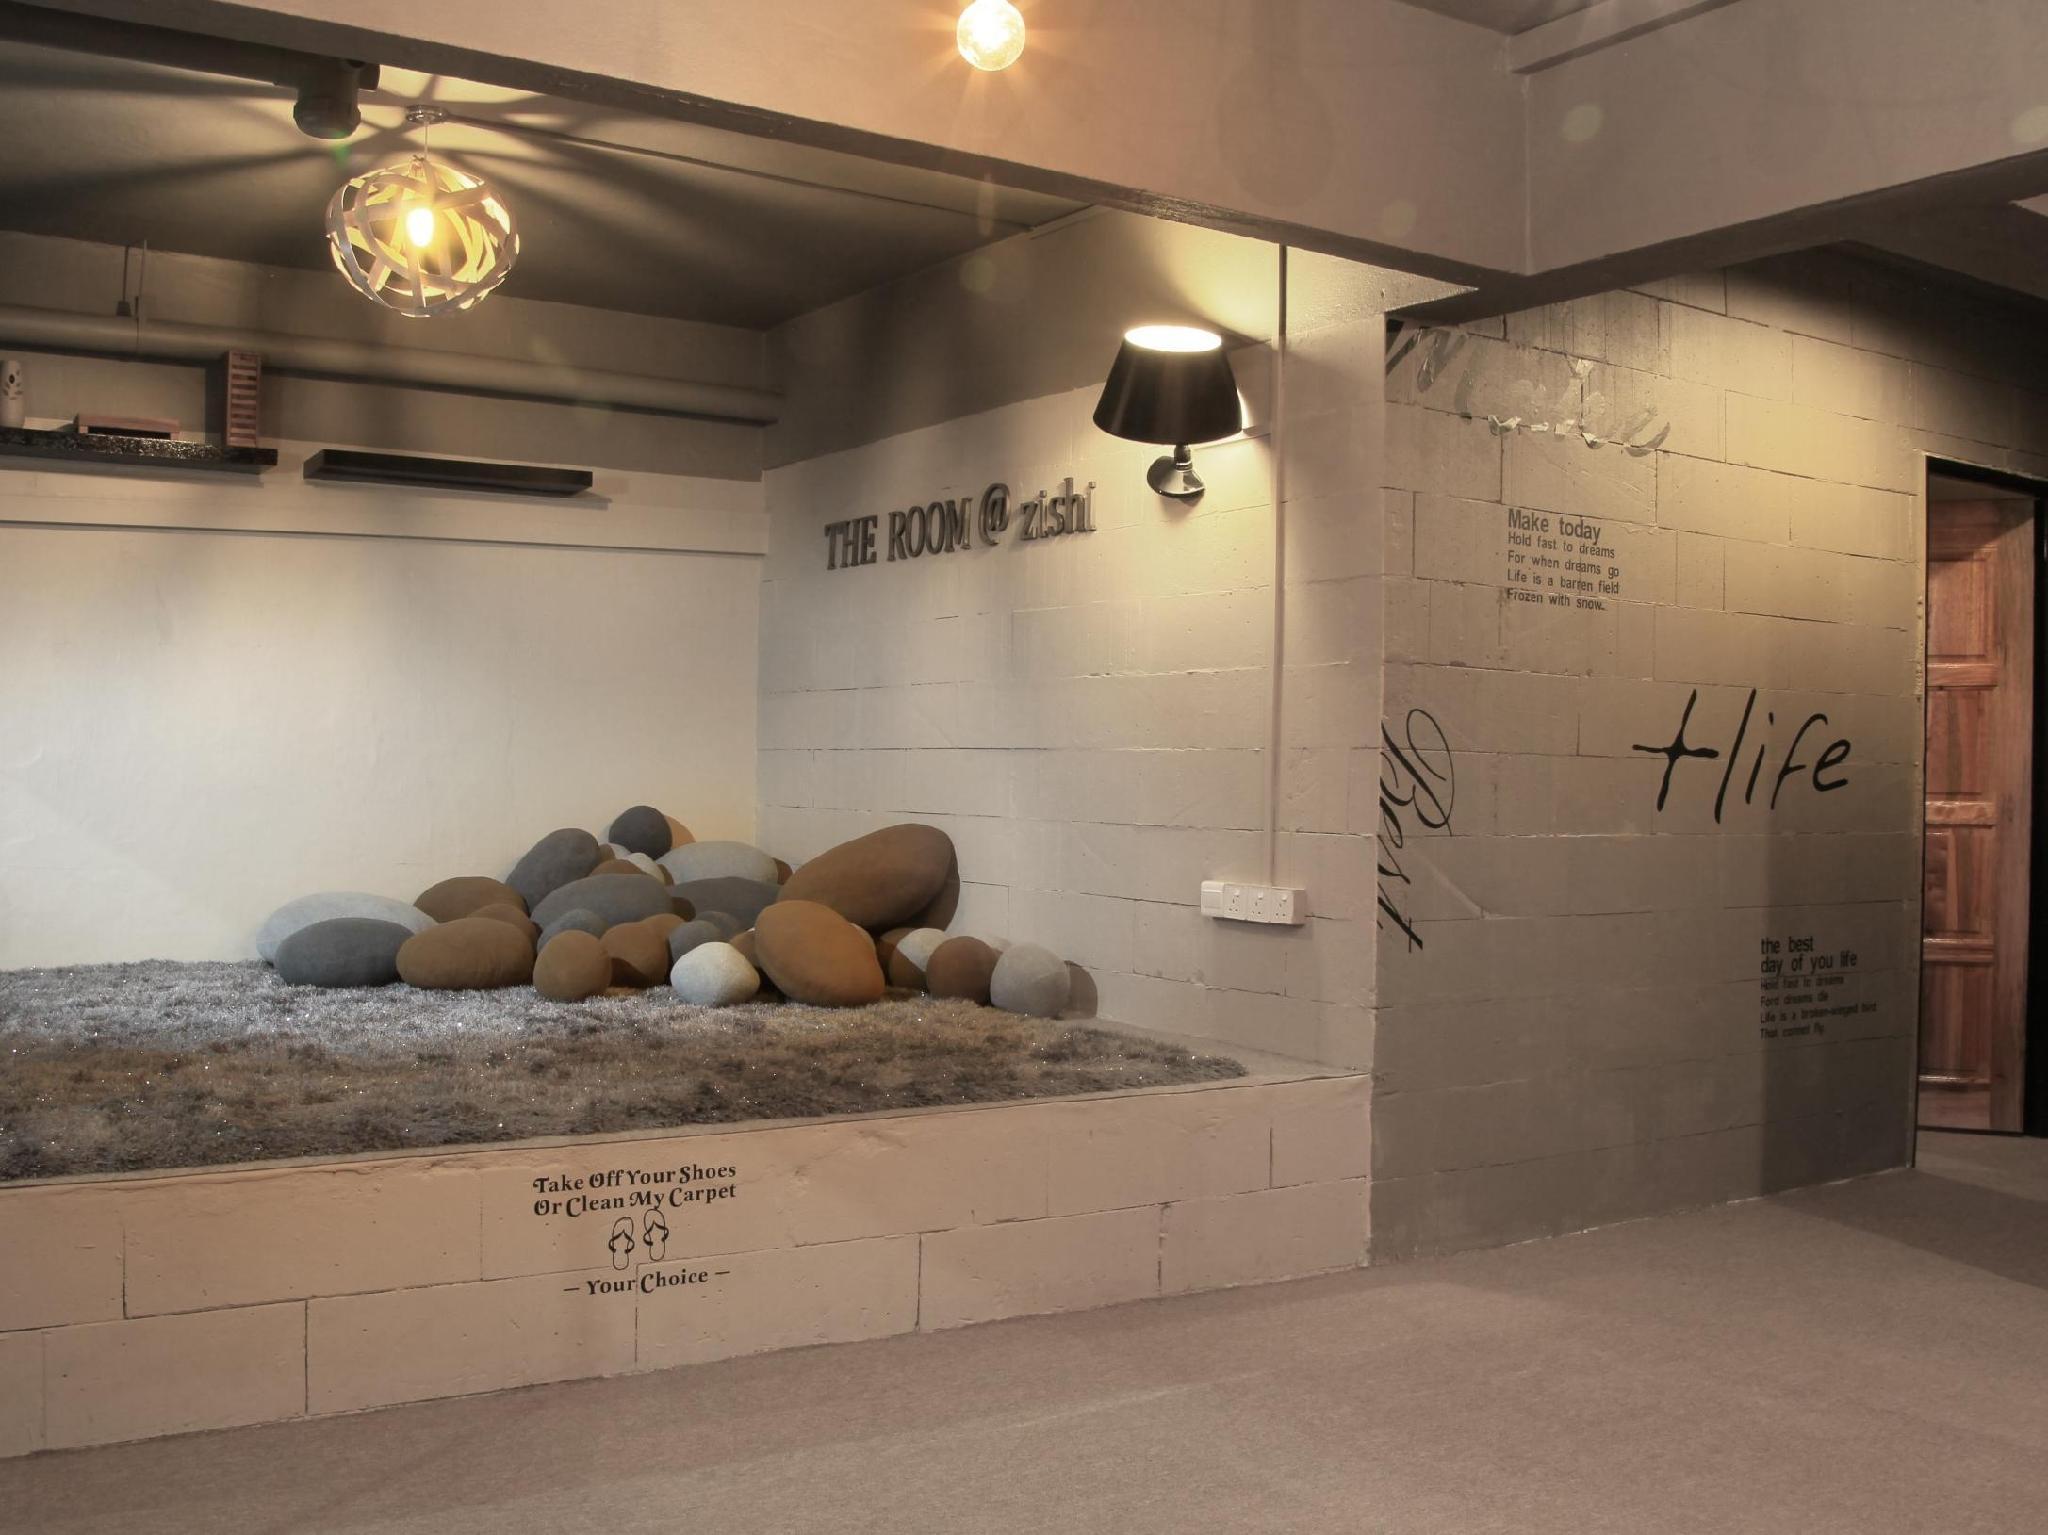 The Room @ Zishi Hostel